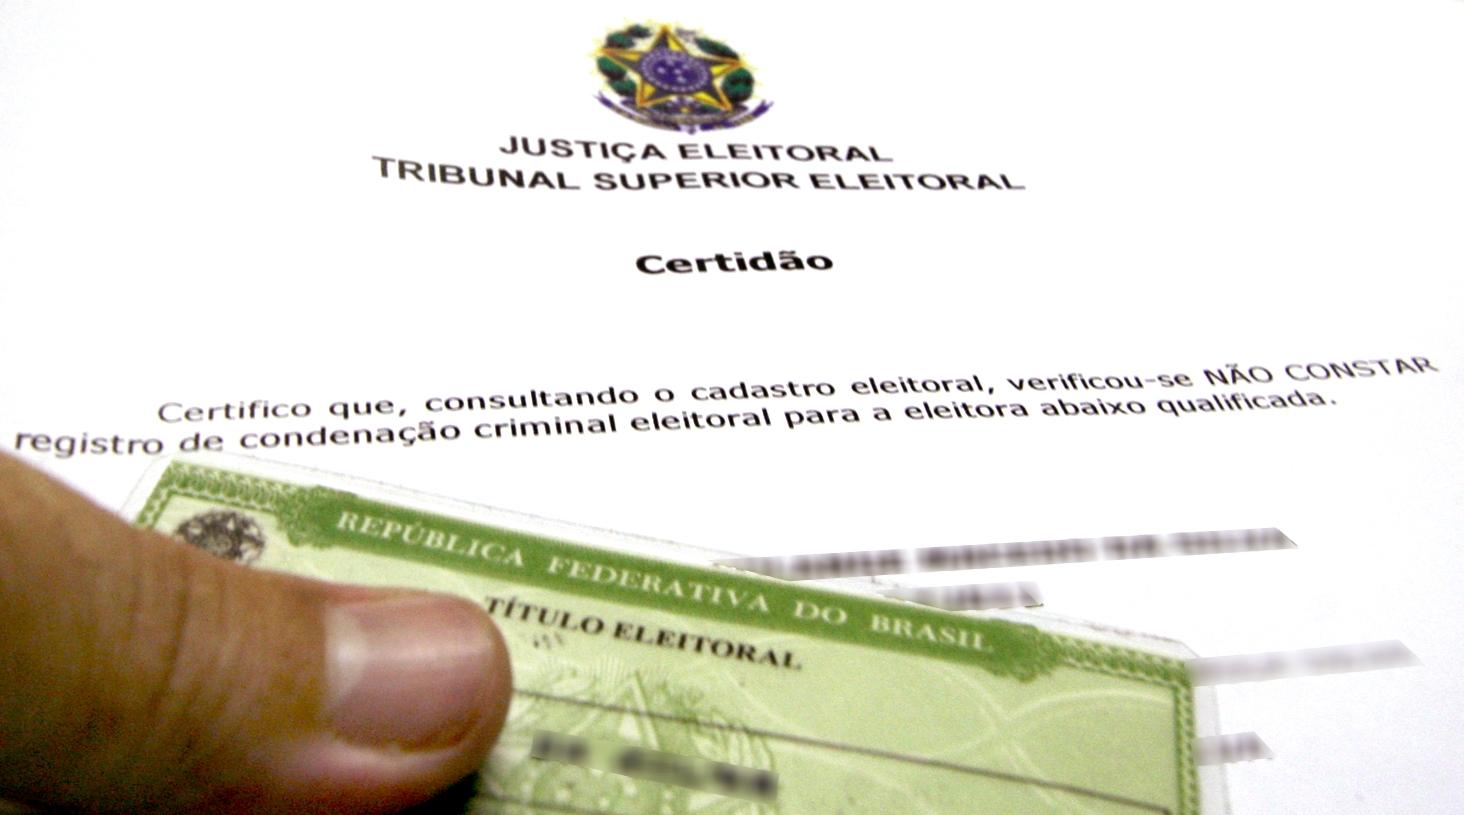 certidao_eleitoral